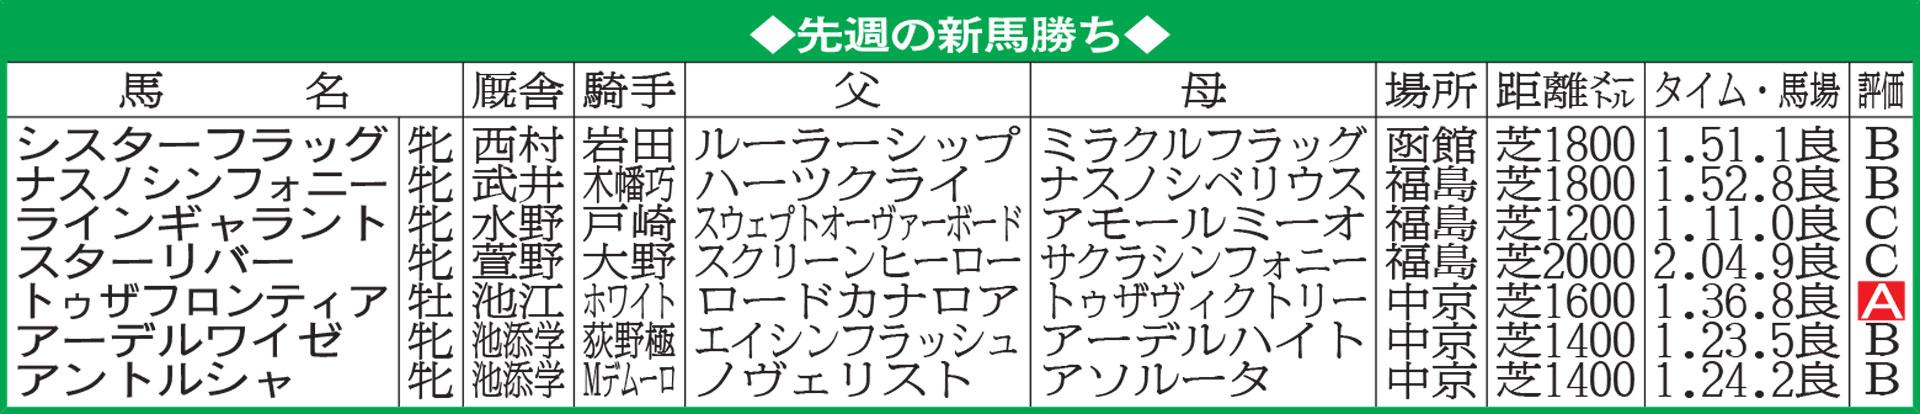 07 >> 極ウマ・プレミアム